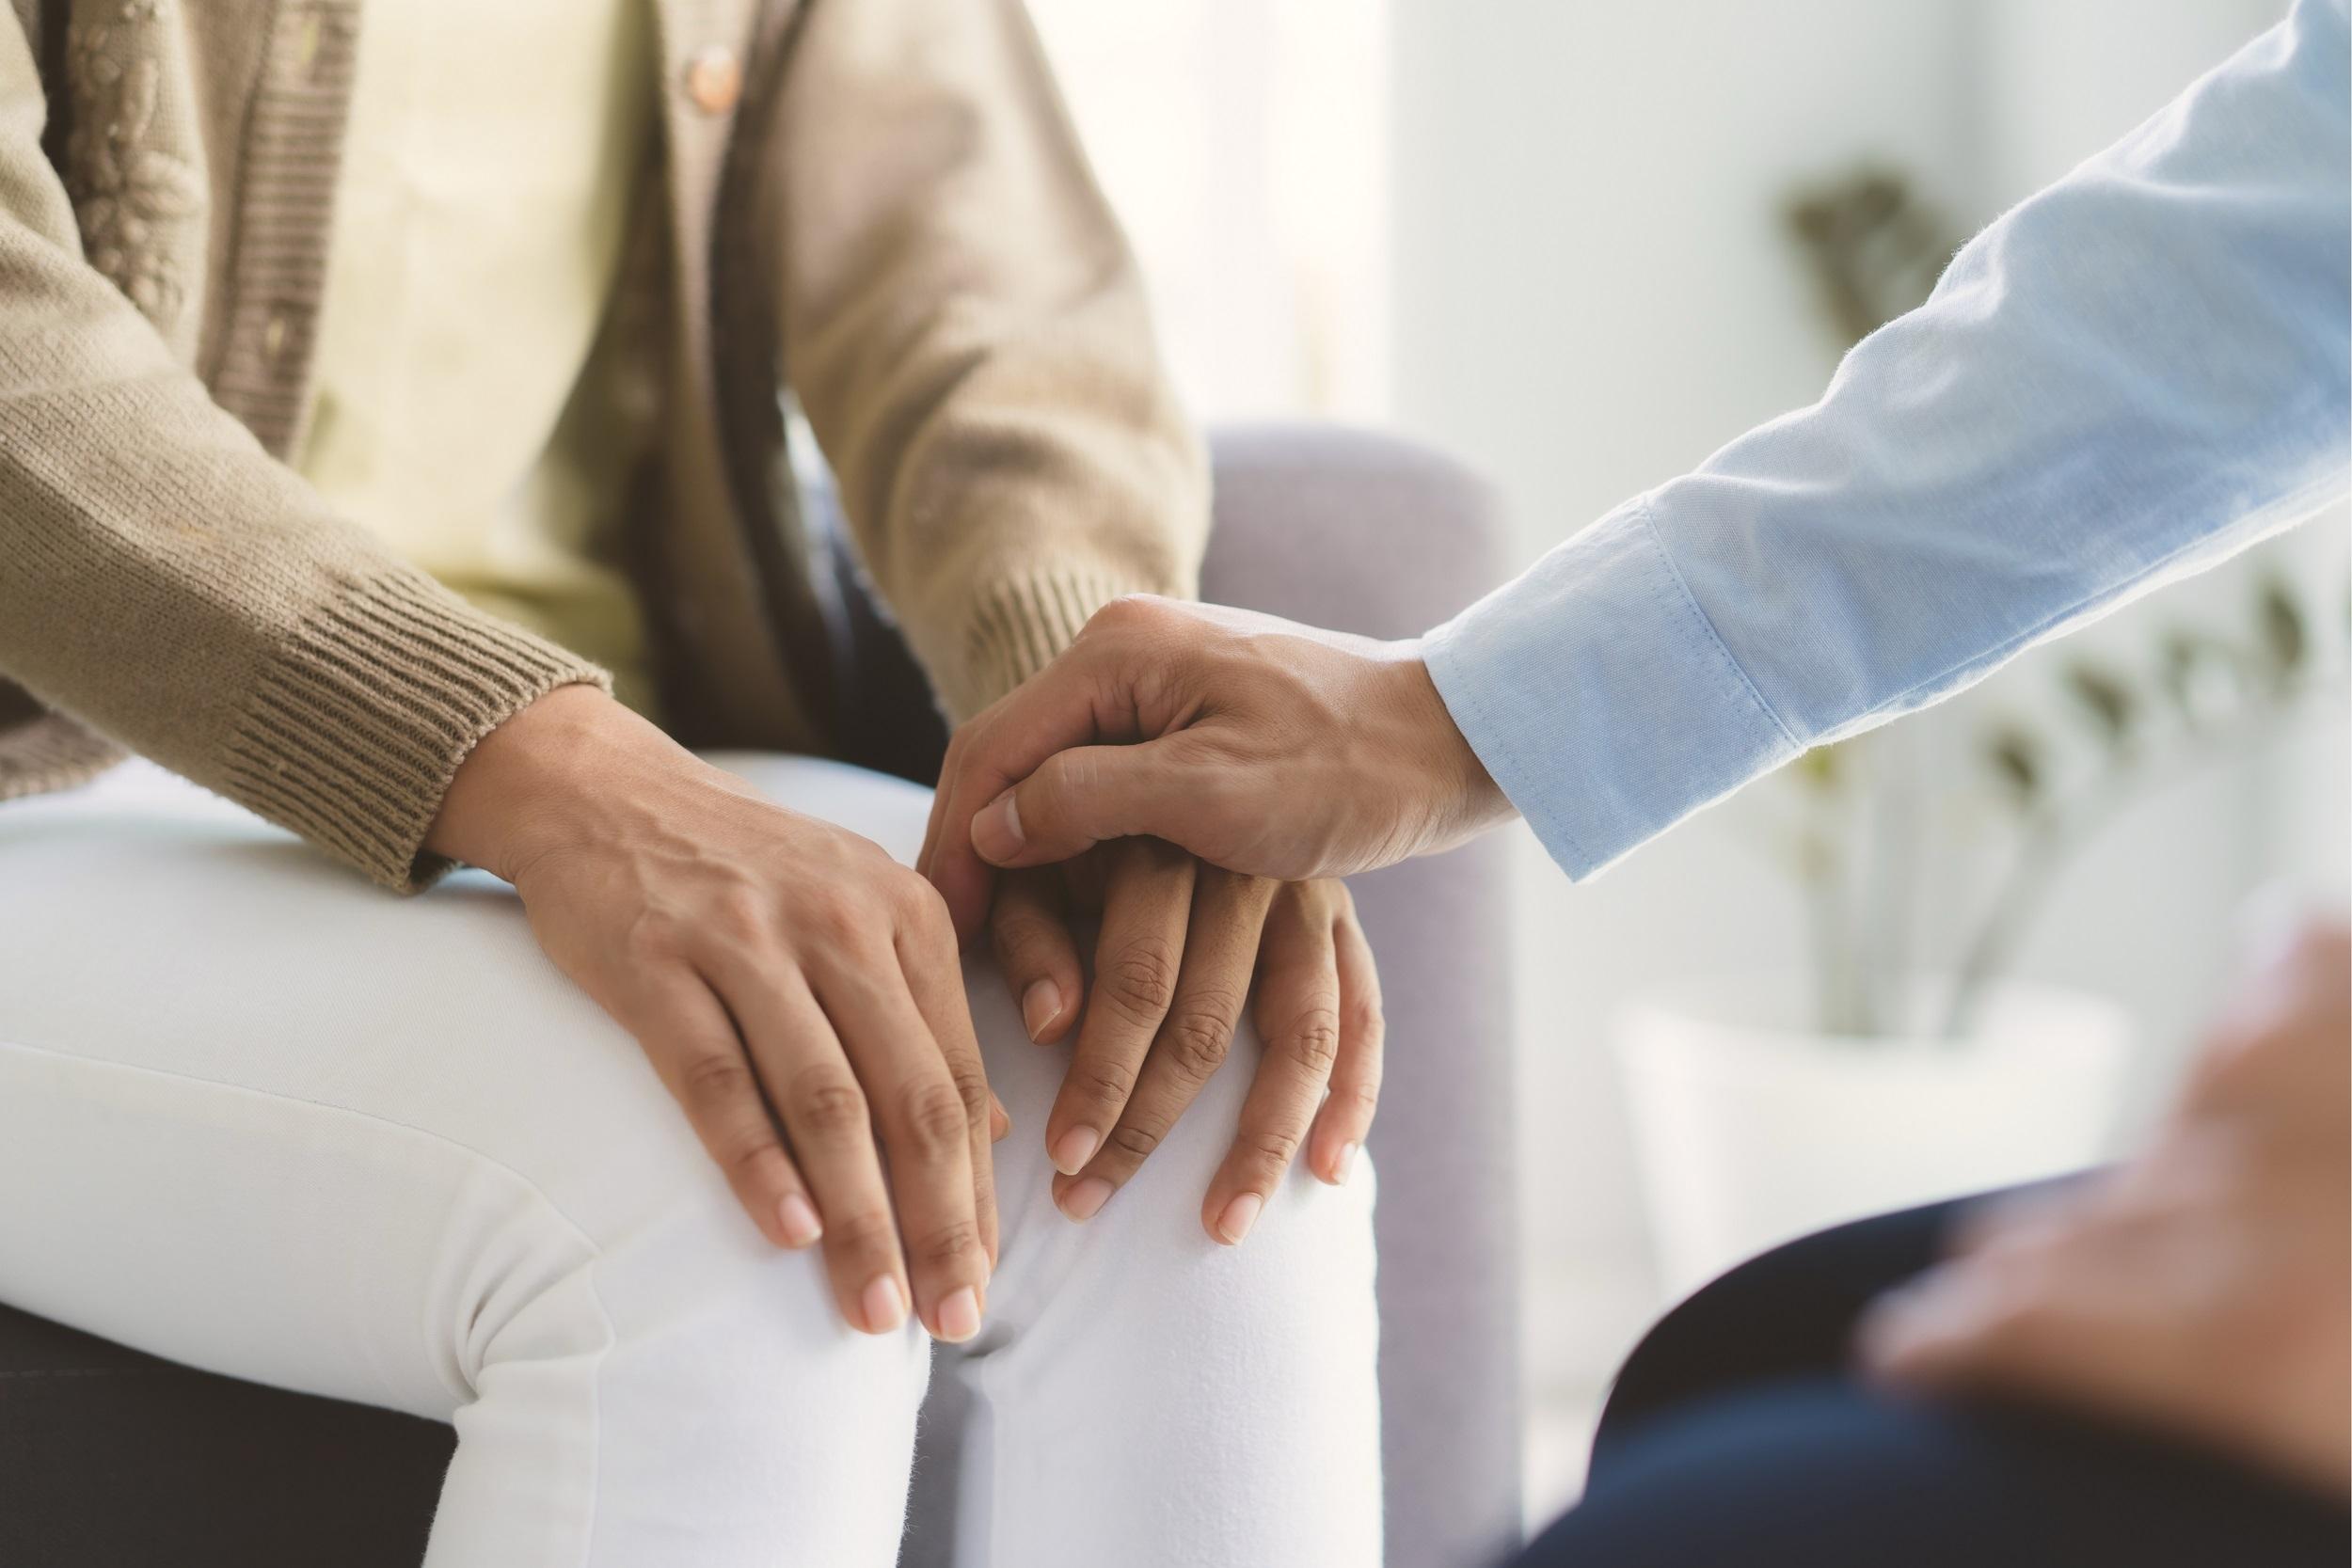 Entenda por que a empatia aumenta o bem-estar nas empresas